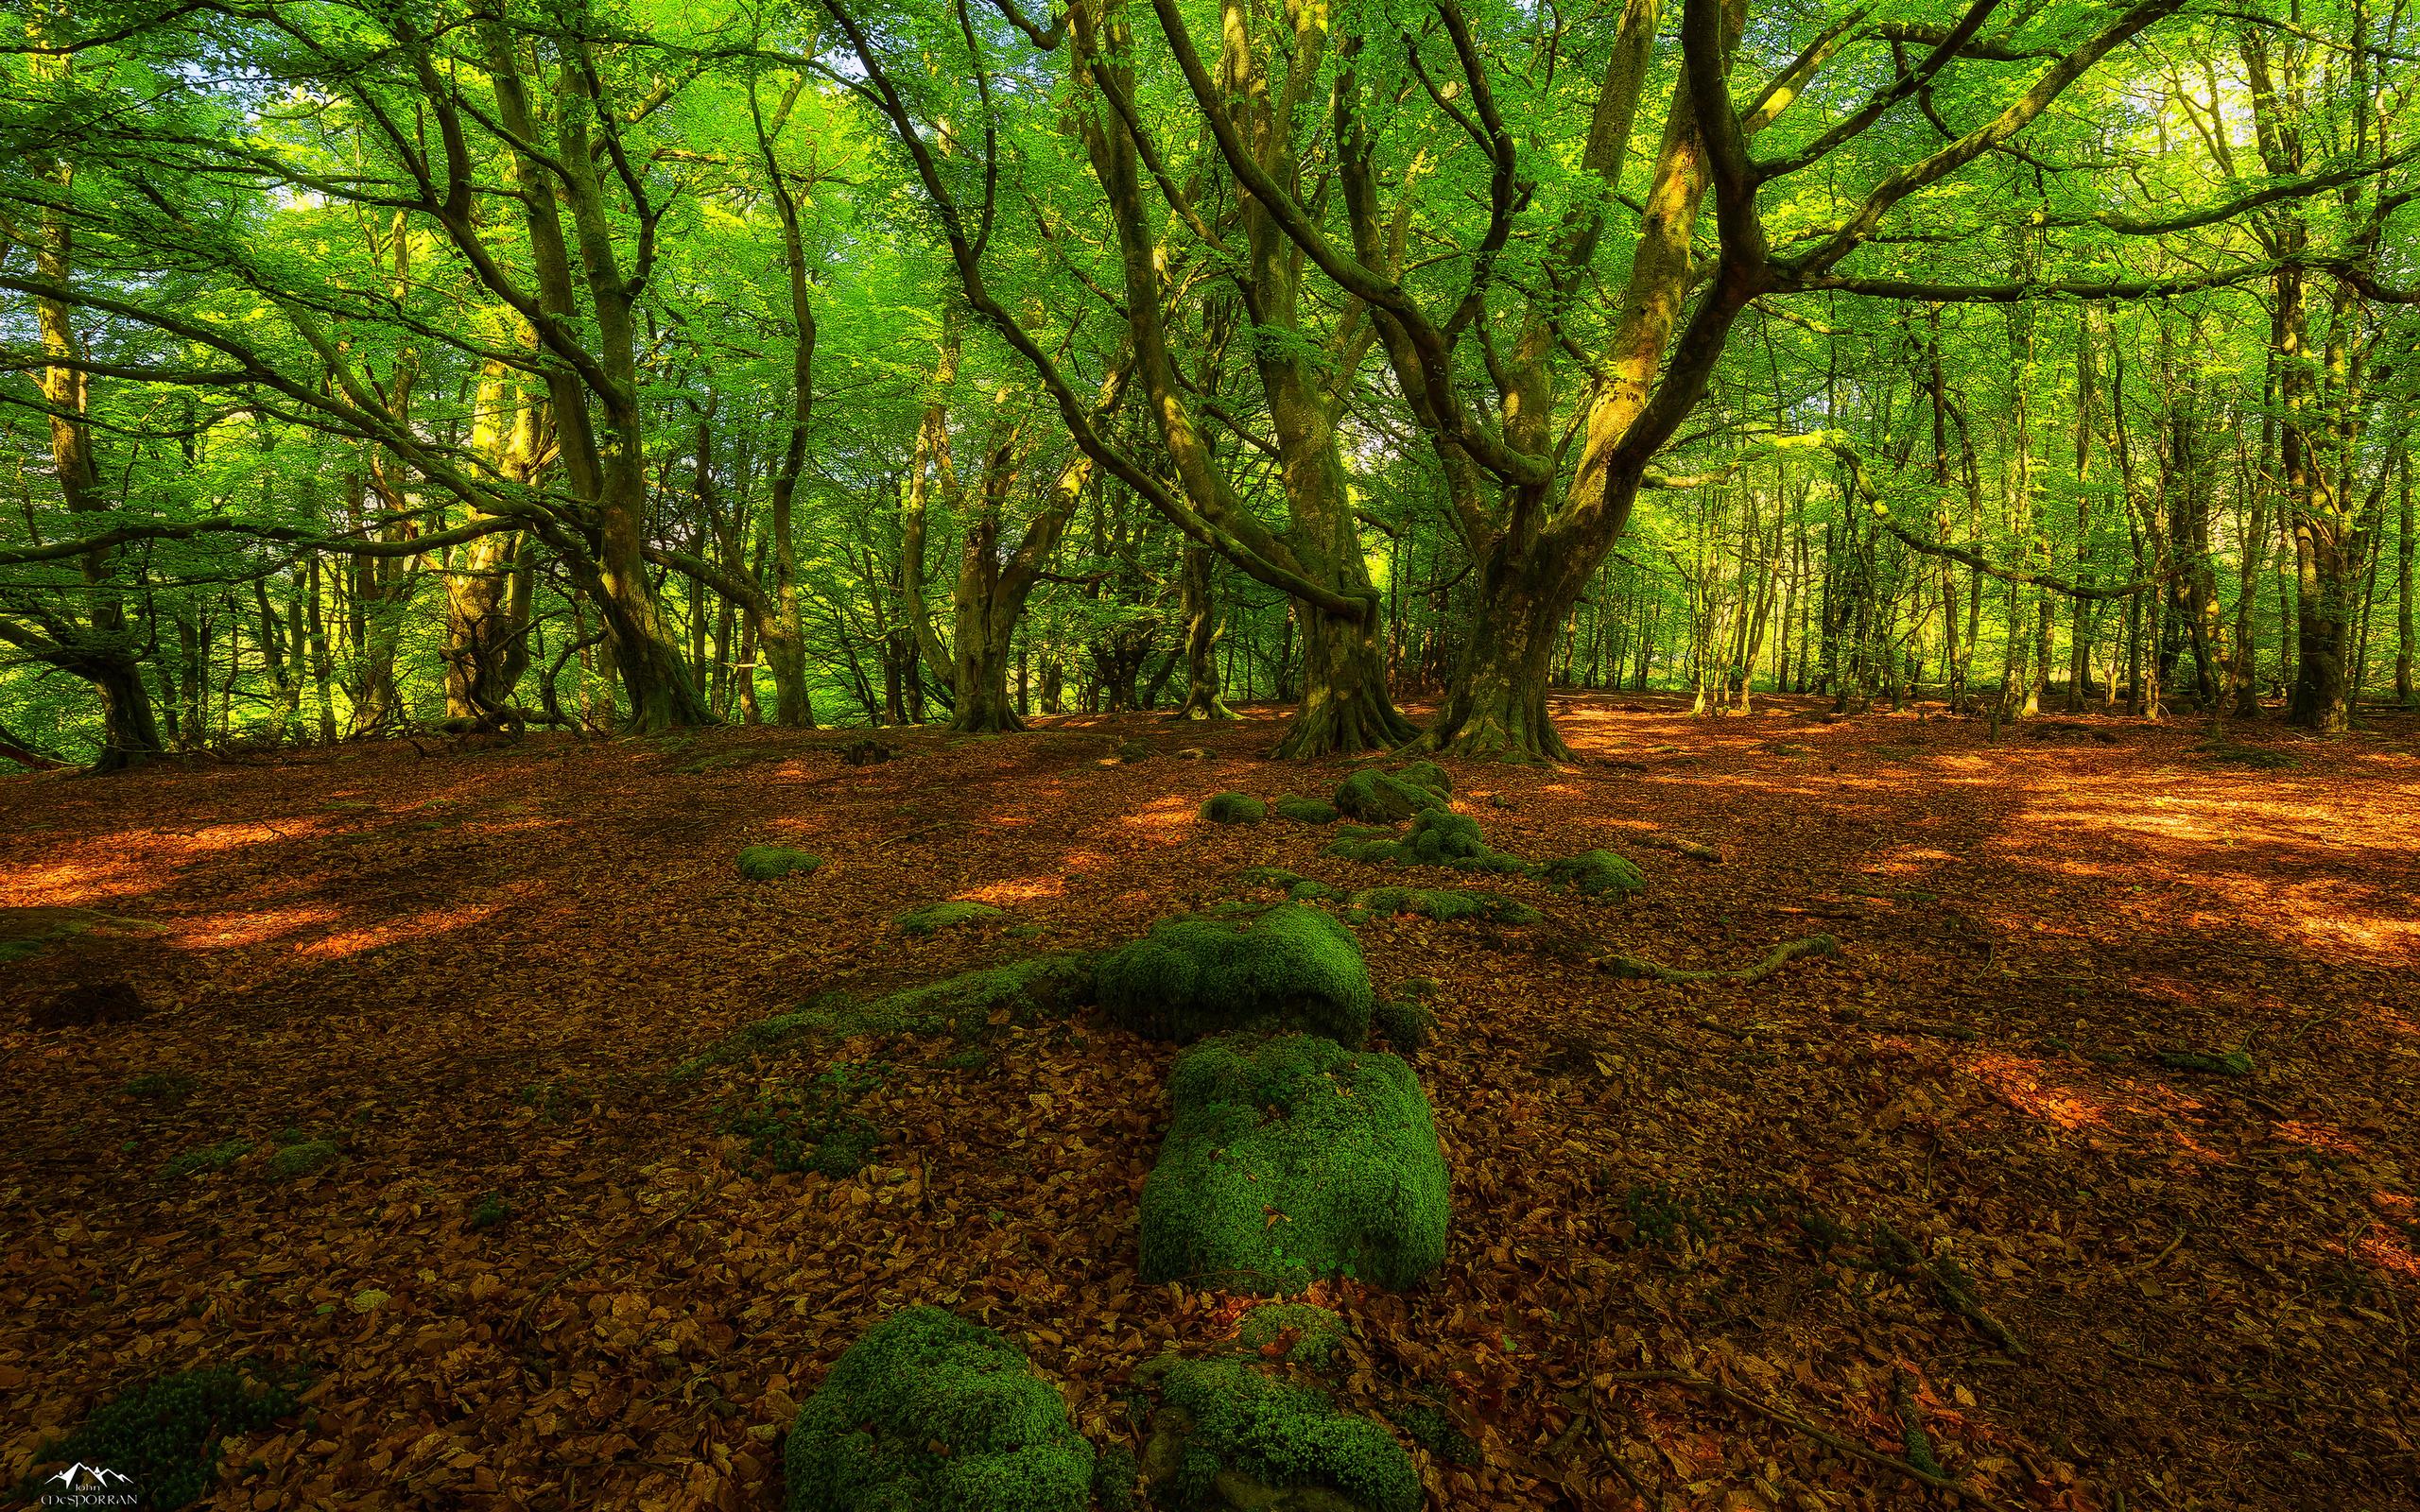 лес, зелень, корни